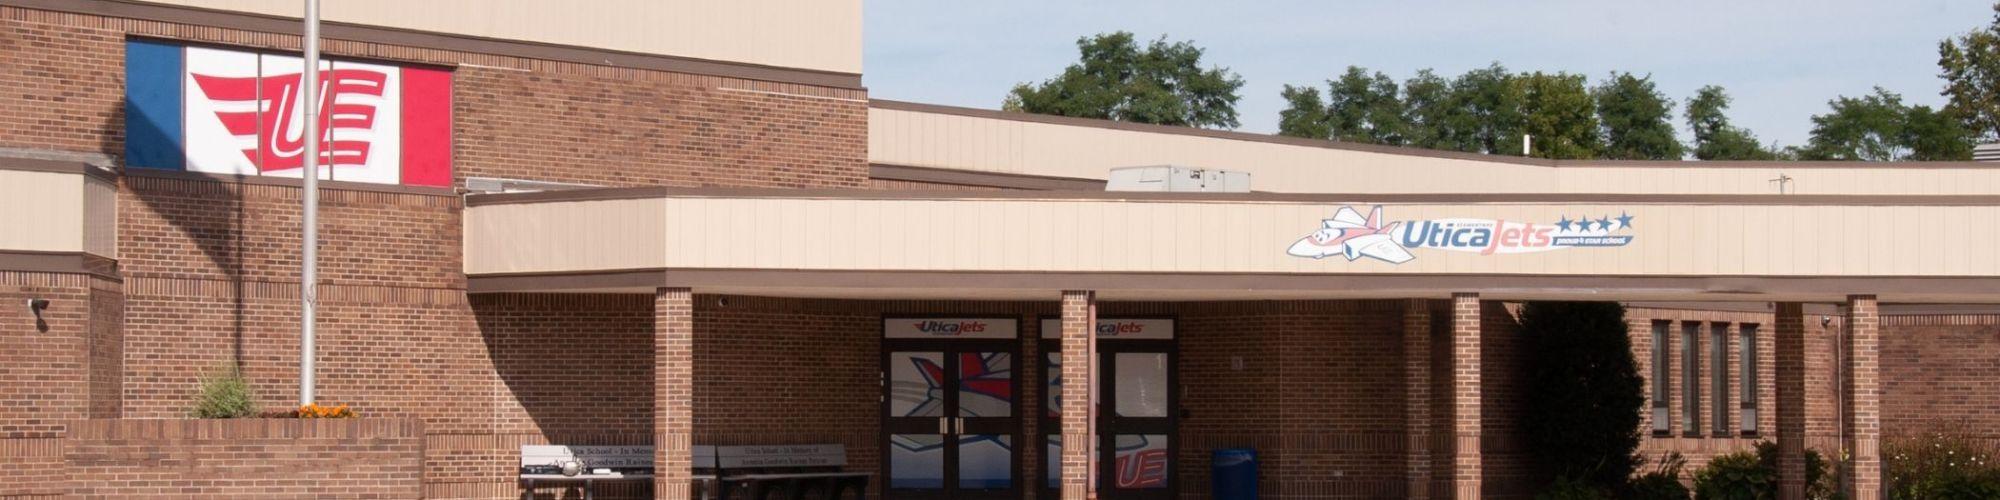 Front of school building